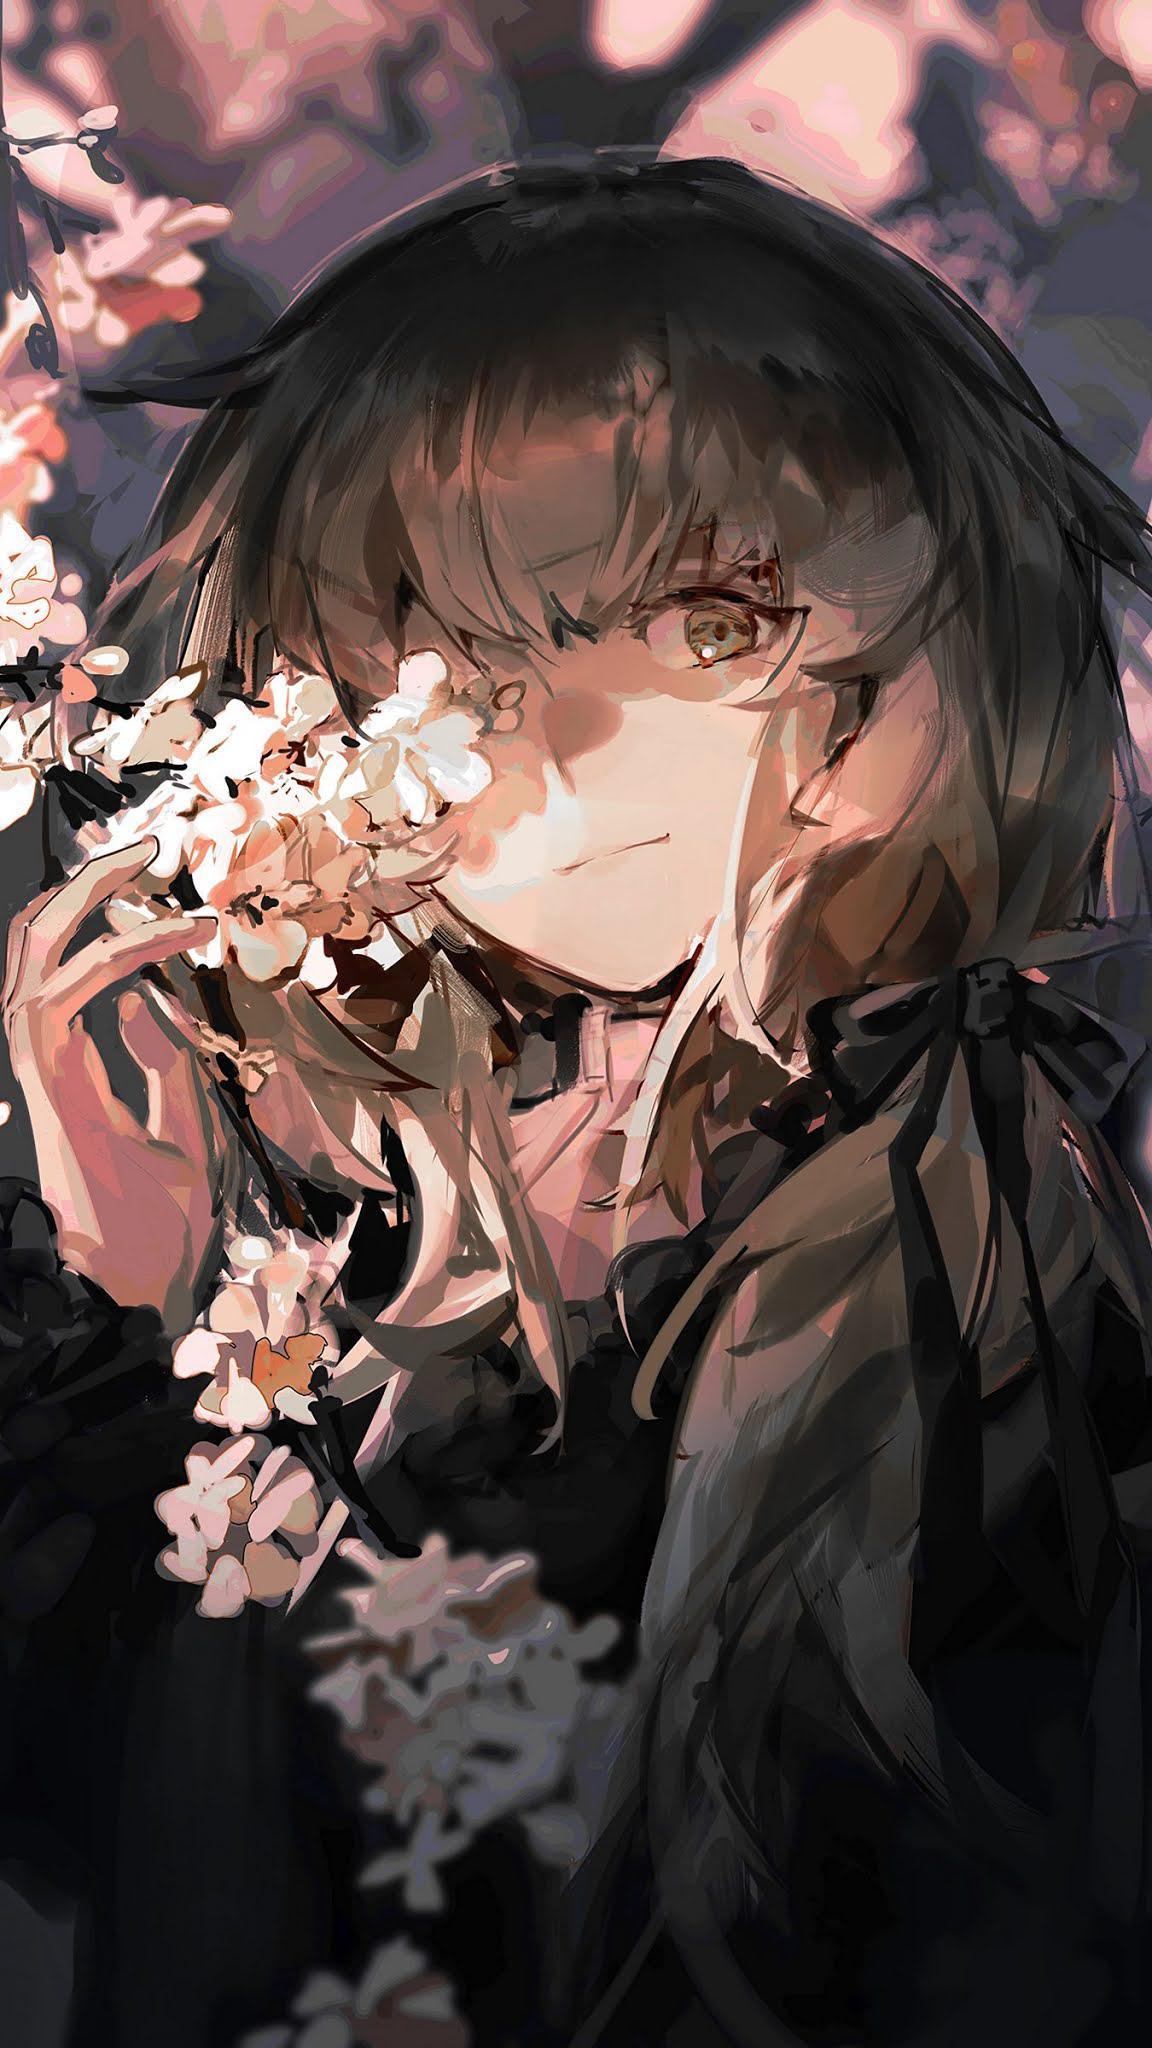 girl, sakura, flowers, anime, art background HD wallpaper 1350x2400